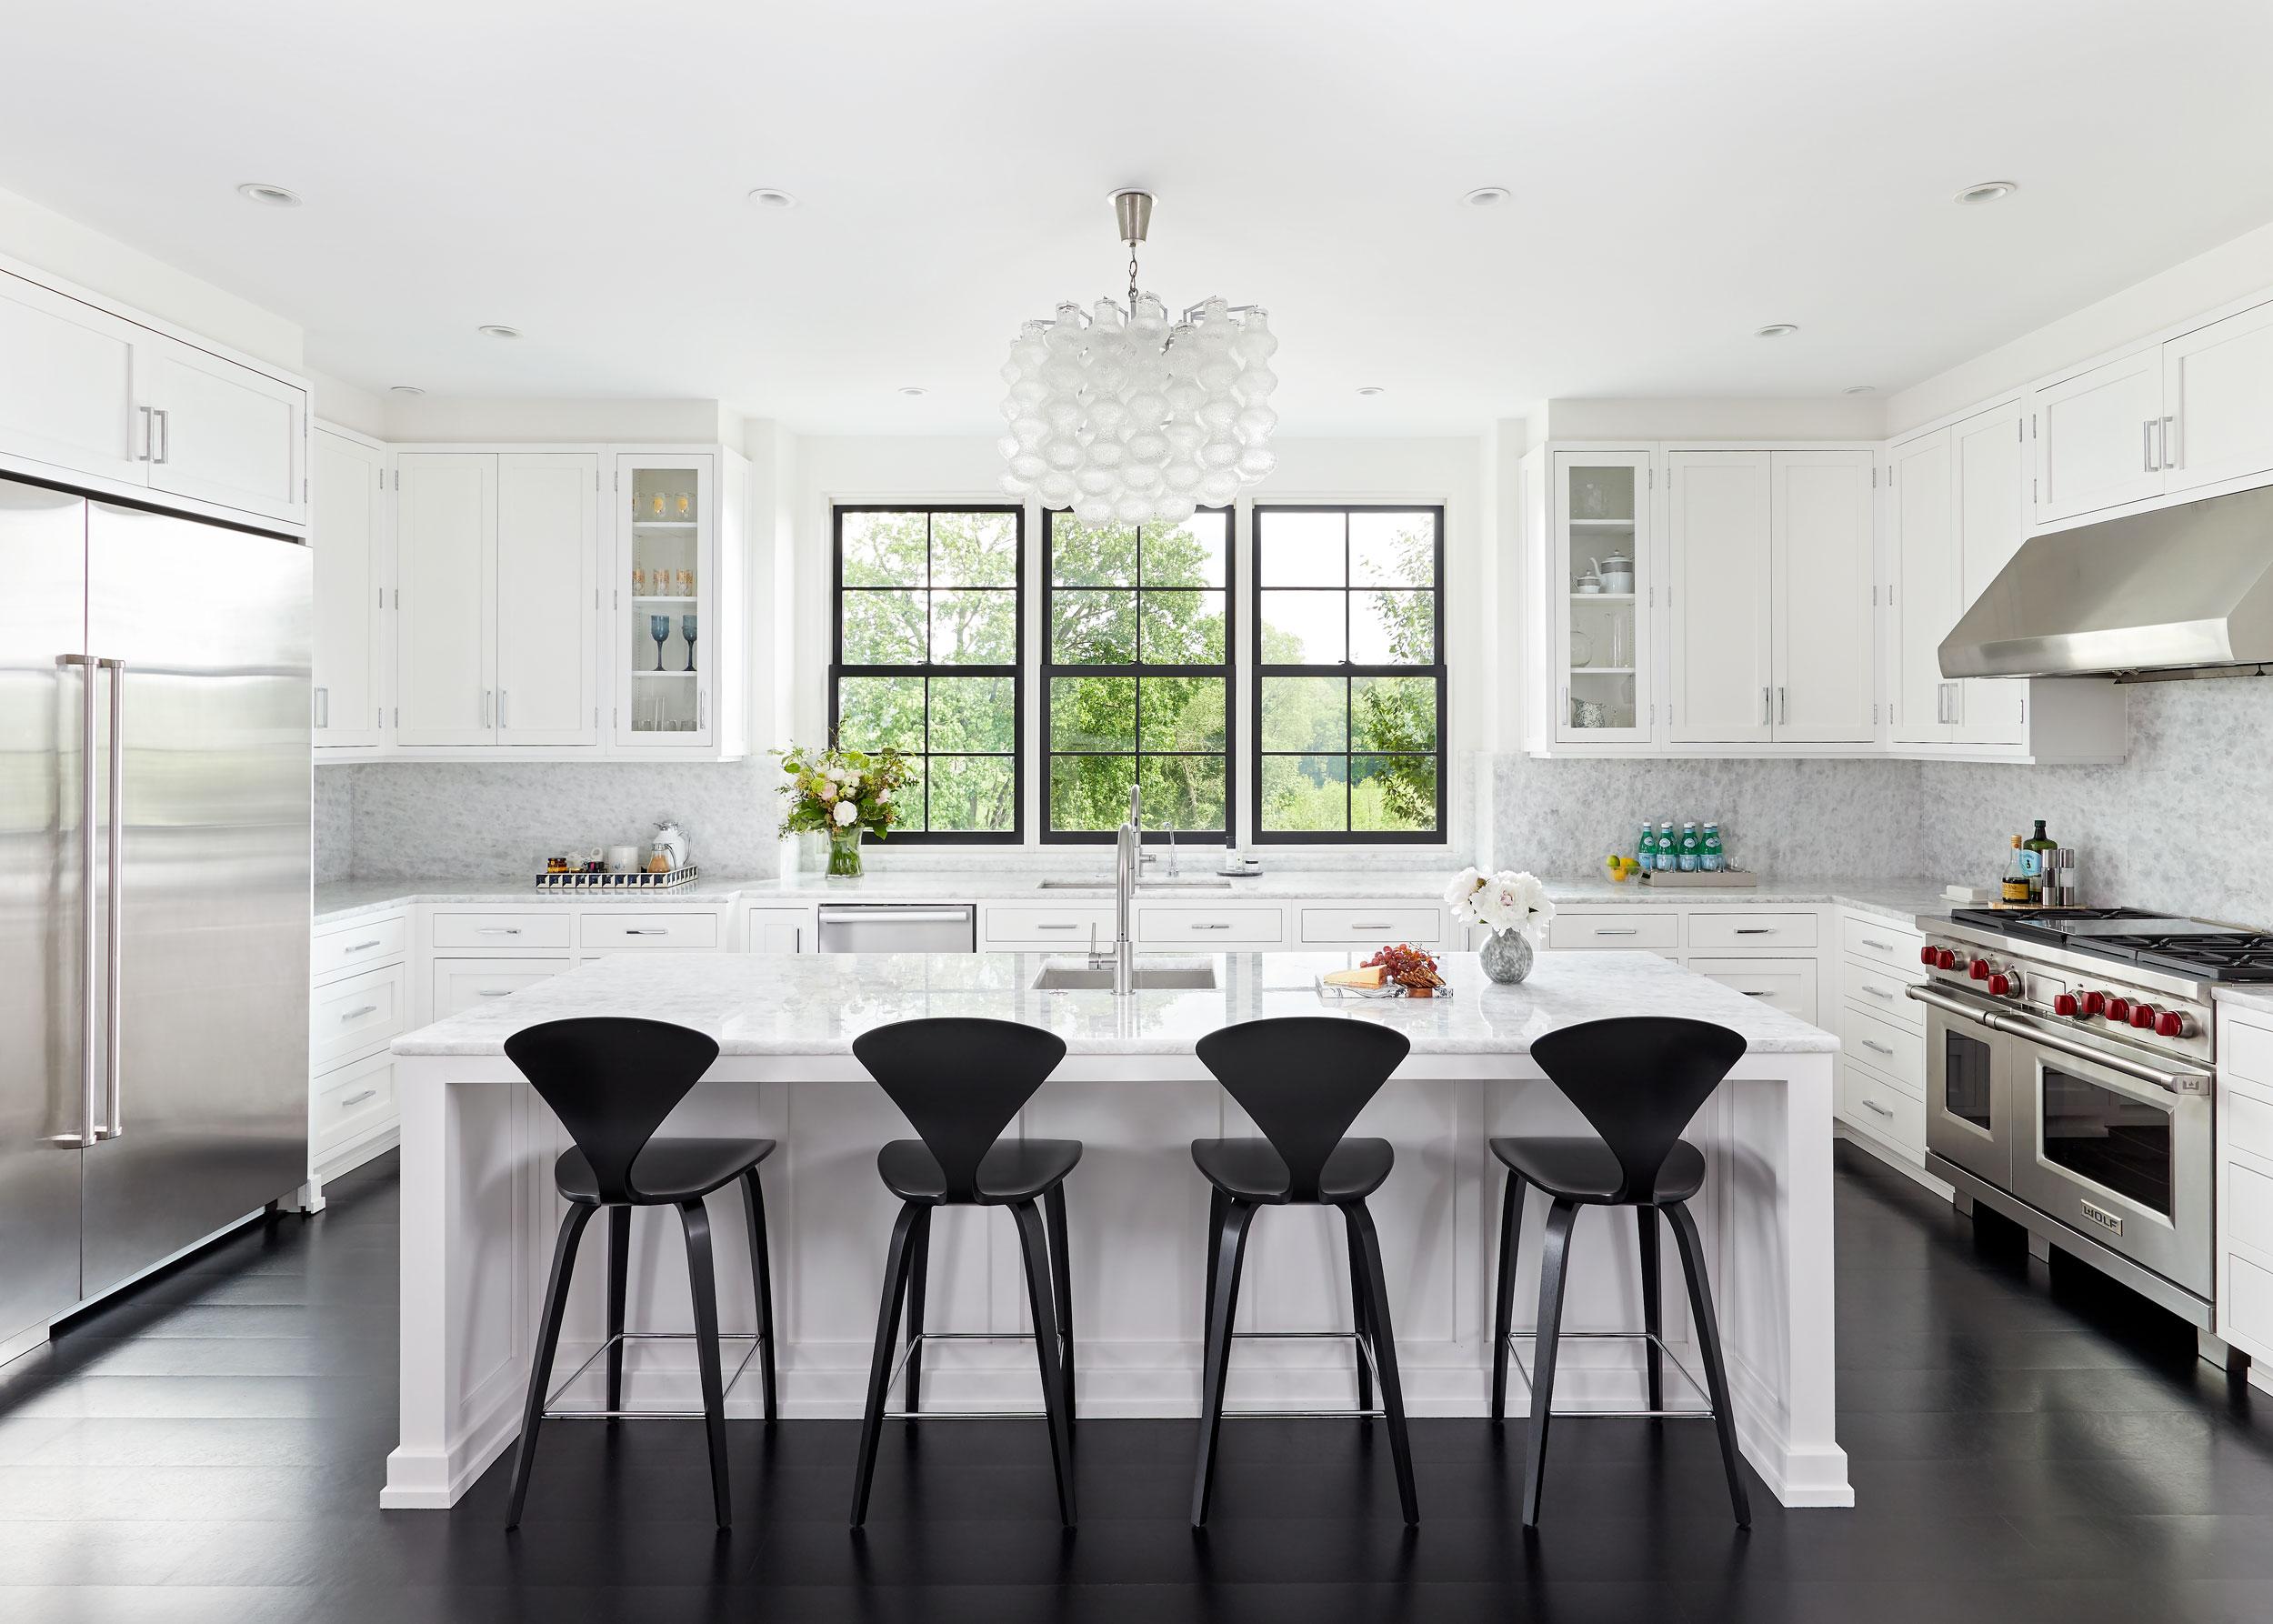 ABH---DM---Kitchen.jpg